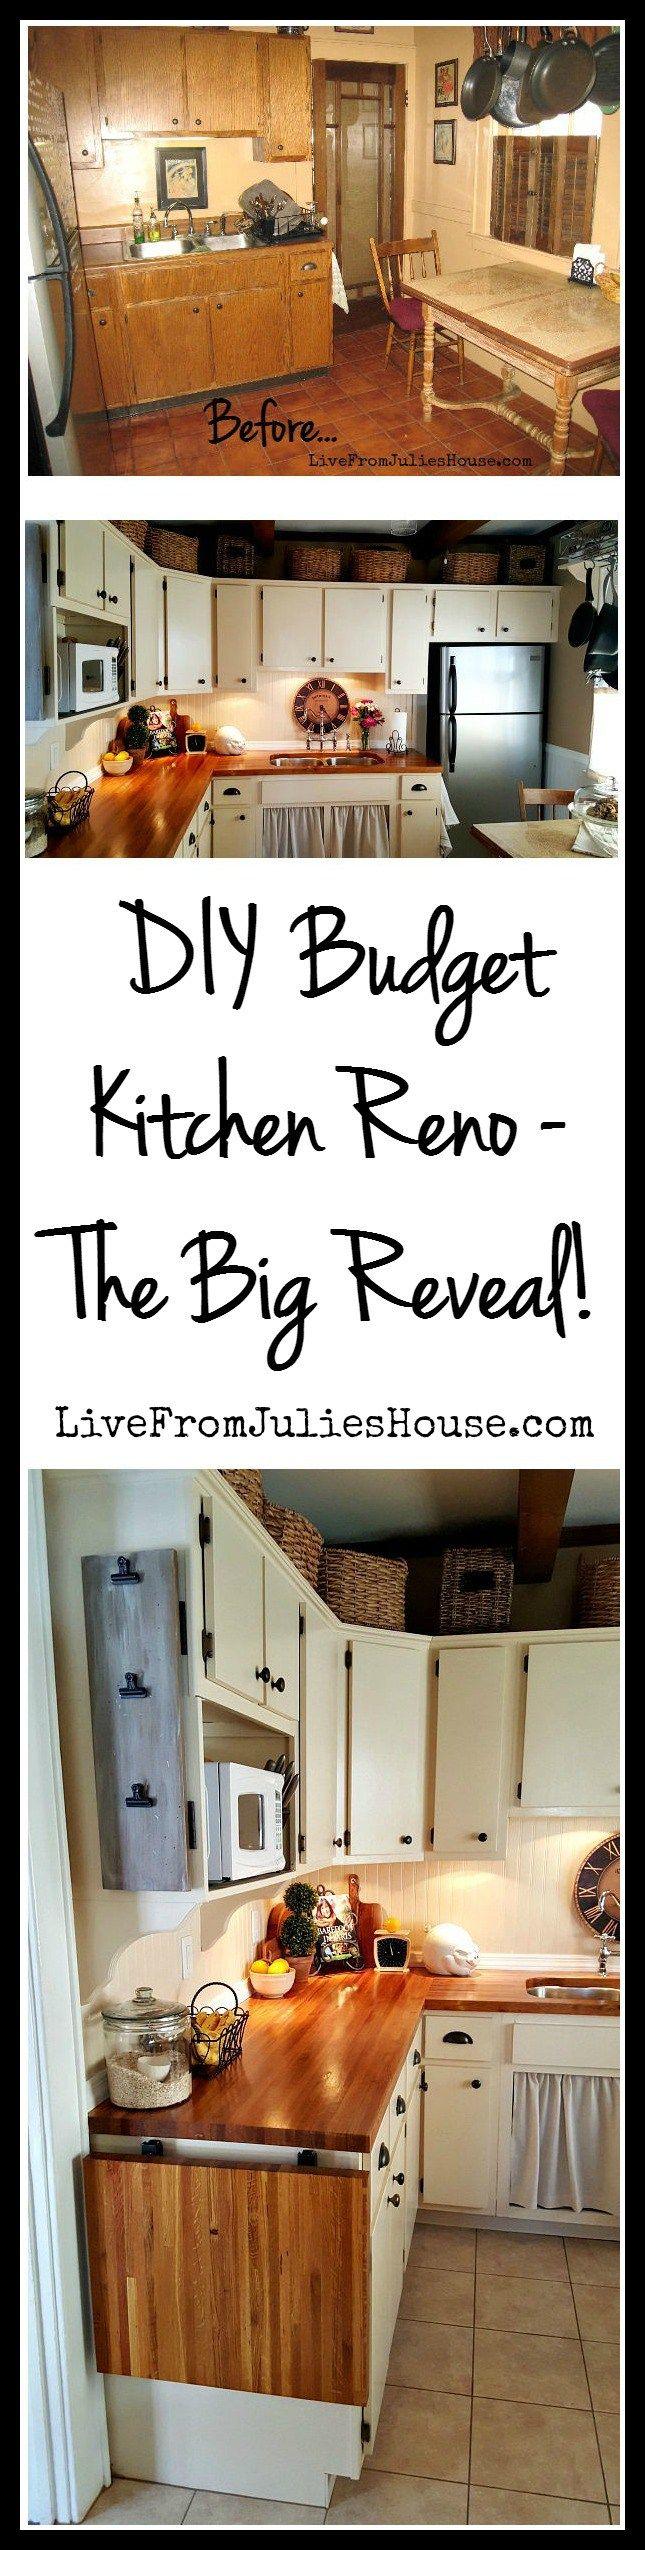 859 best kitchen ideas images on pinterest kitchen home and diy budget kitchen reno